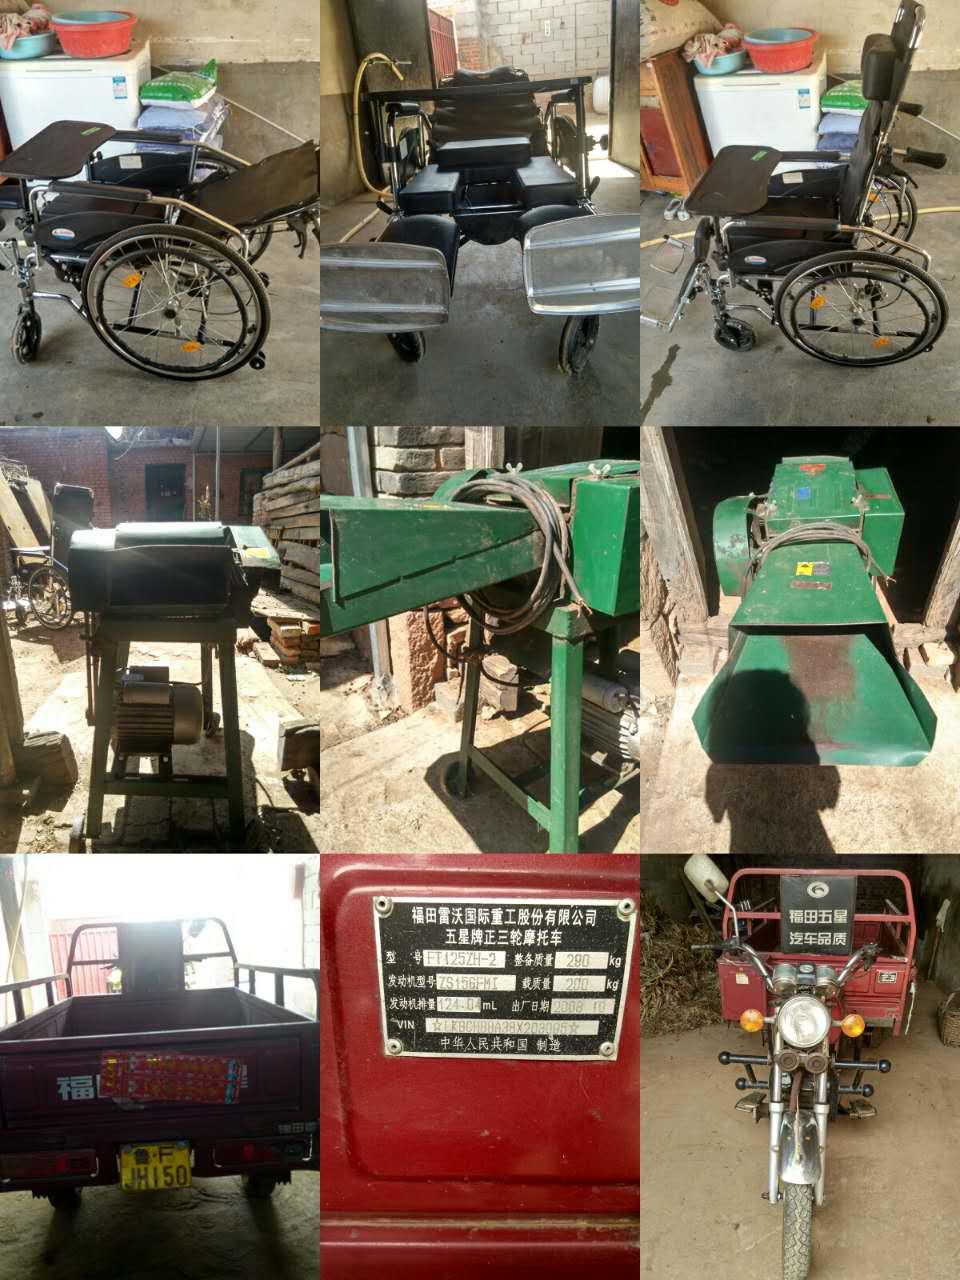 招远出售三轮摩托车,轮椅,铡草机